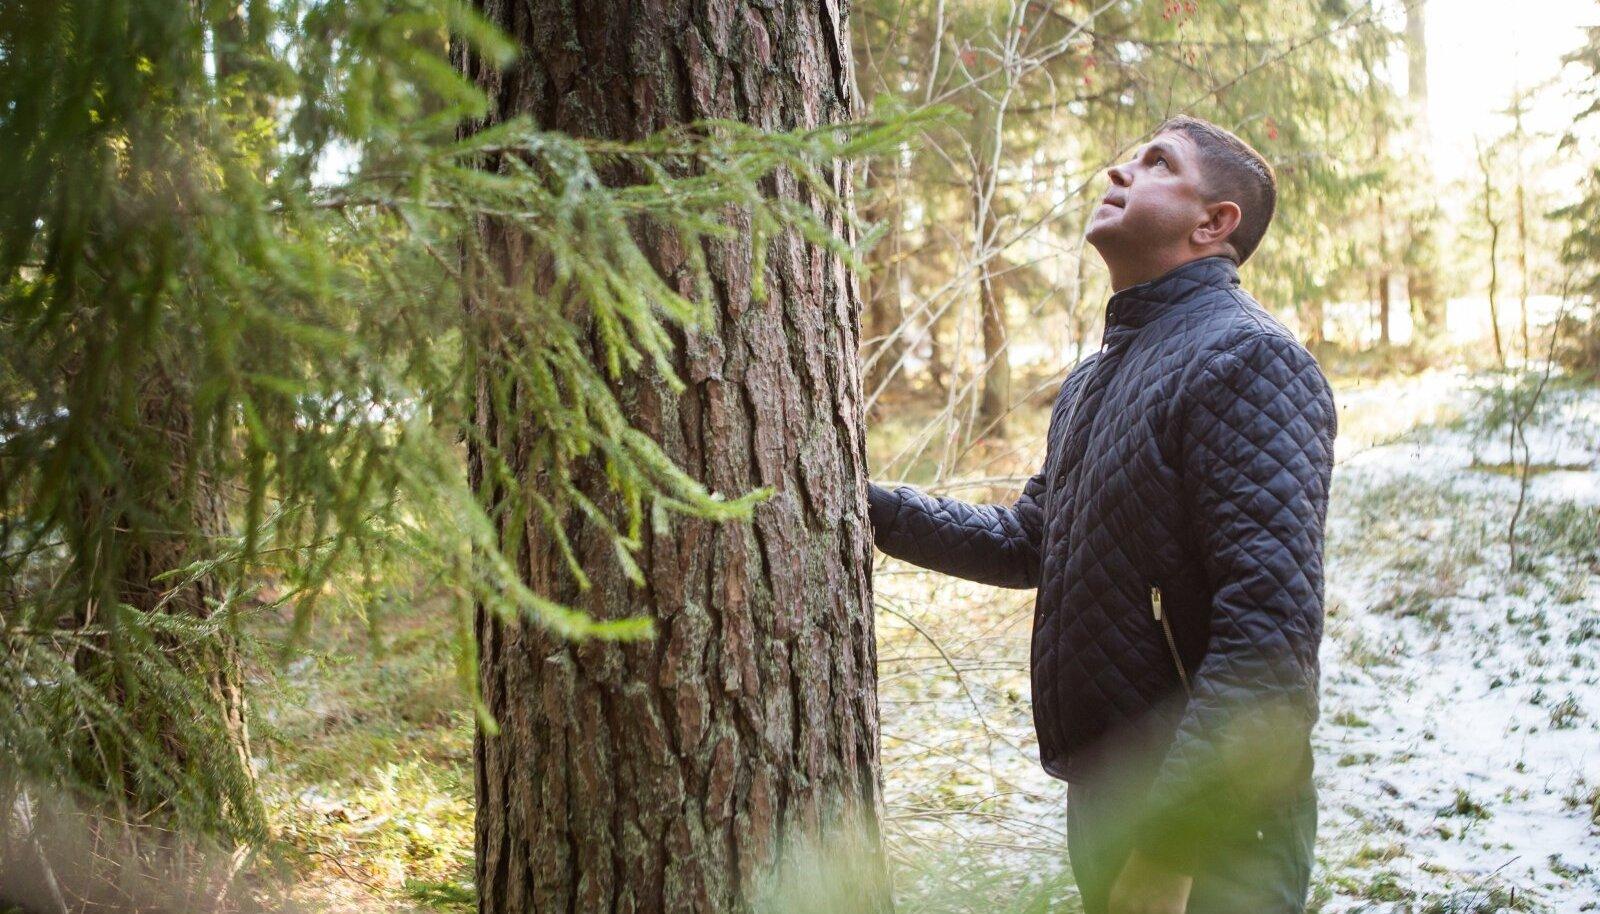 Lääne-Viru metsaomaniku Marko Tumanovi sõnul ei saa tema ema talle tagastatud 150-hektarisel alal piirangute tõttu isegi enda tarbeks küttepuid teha.